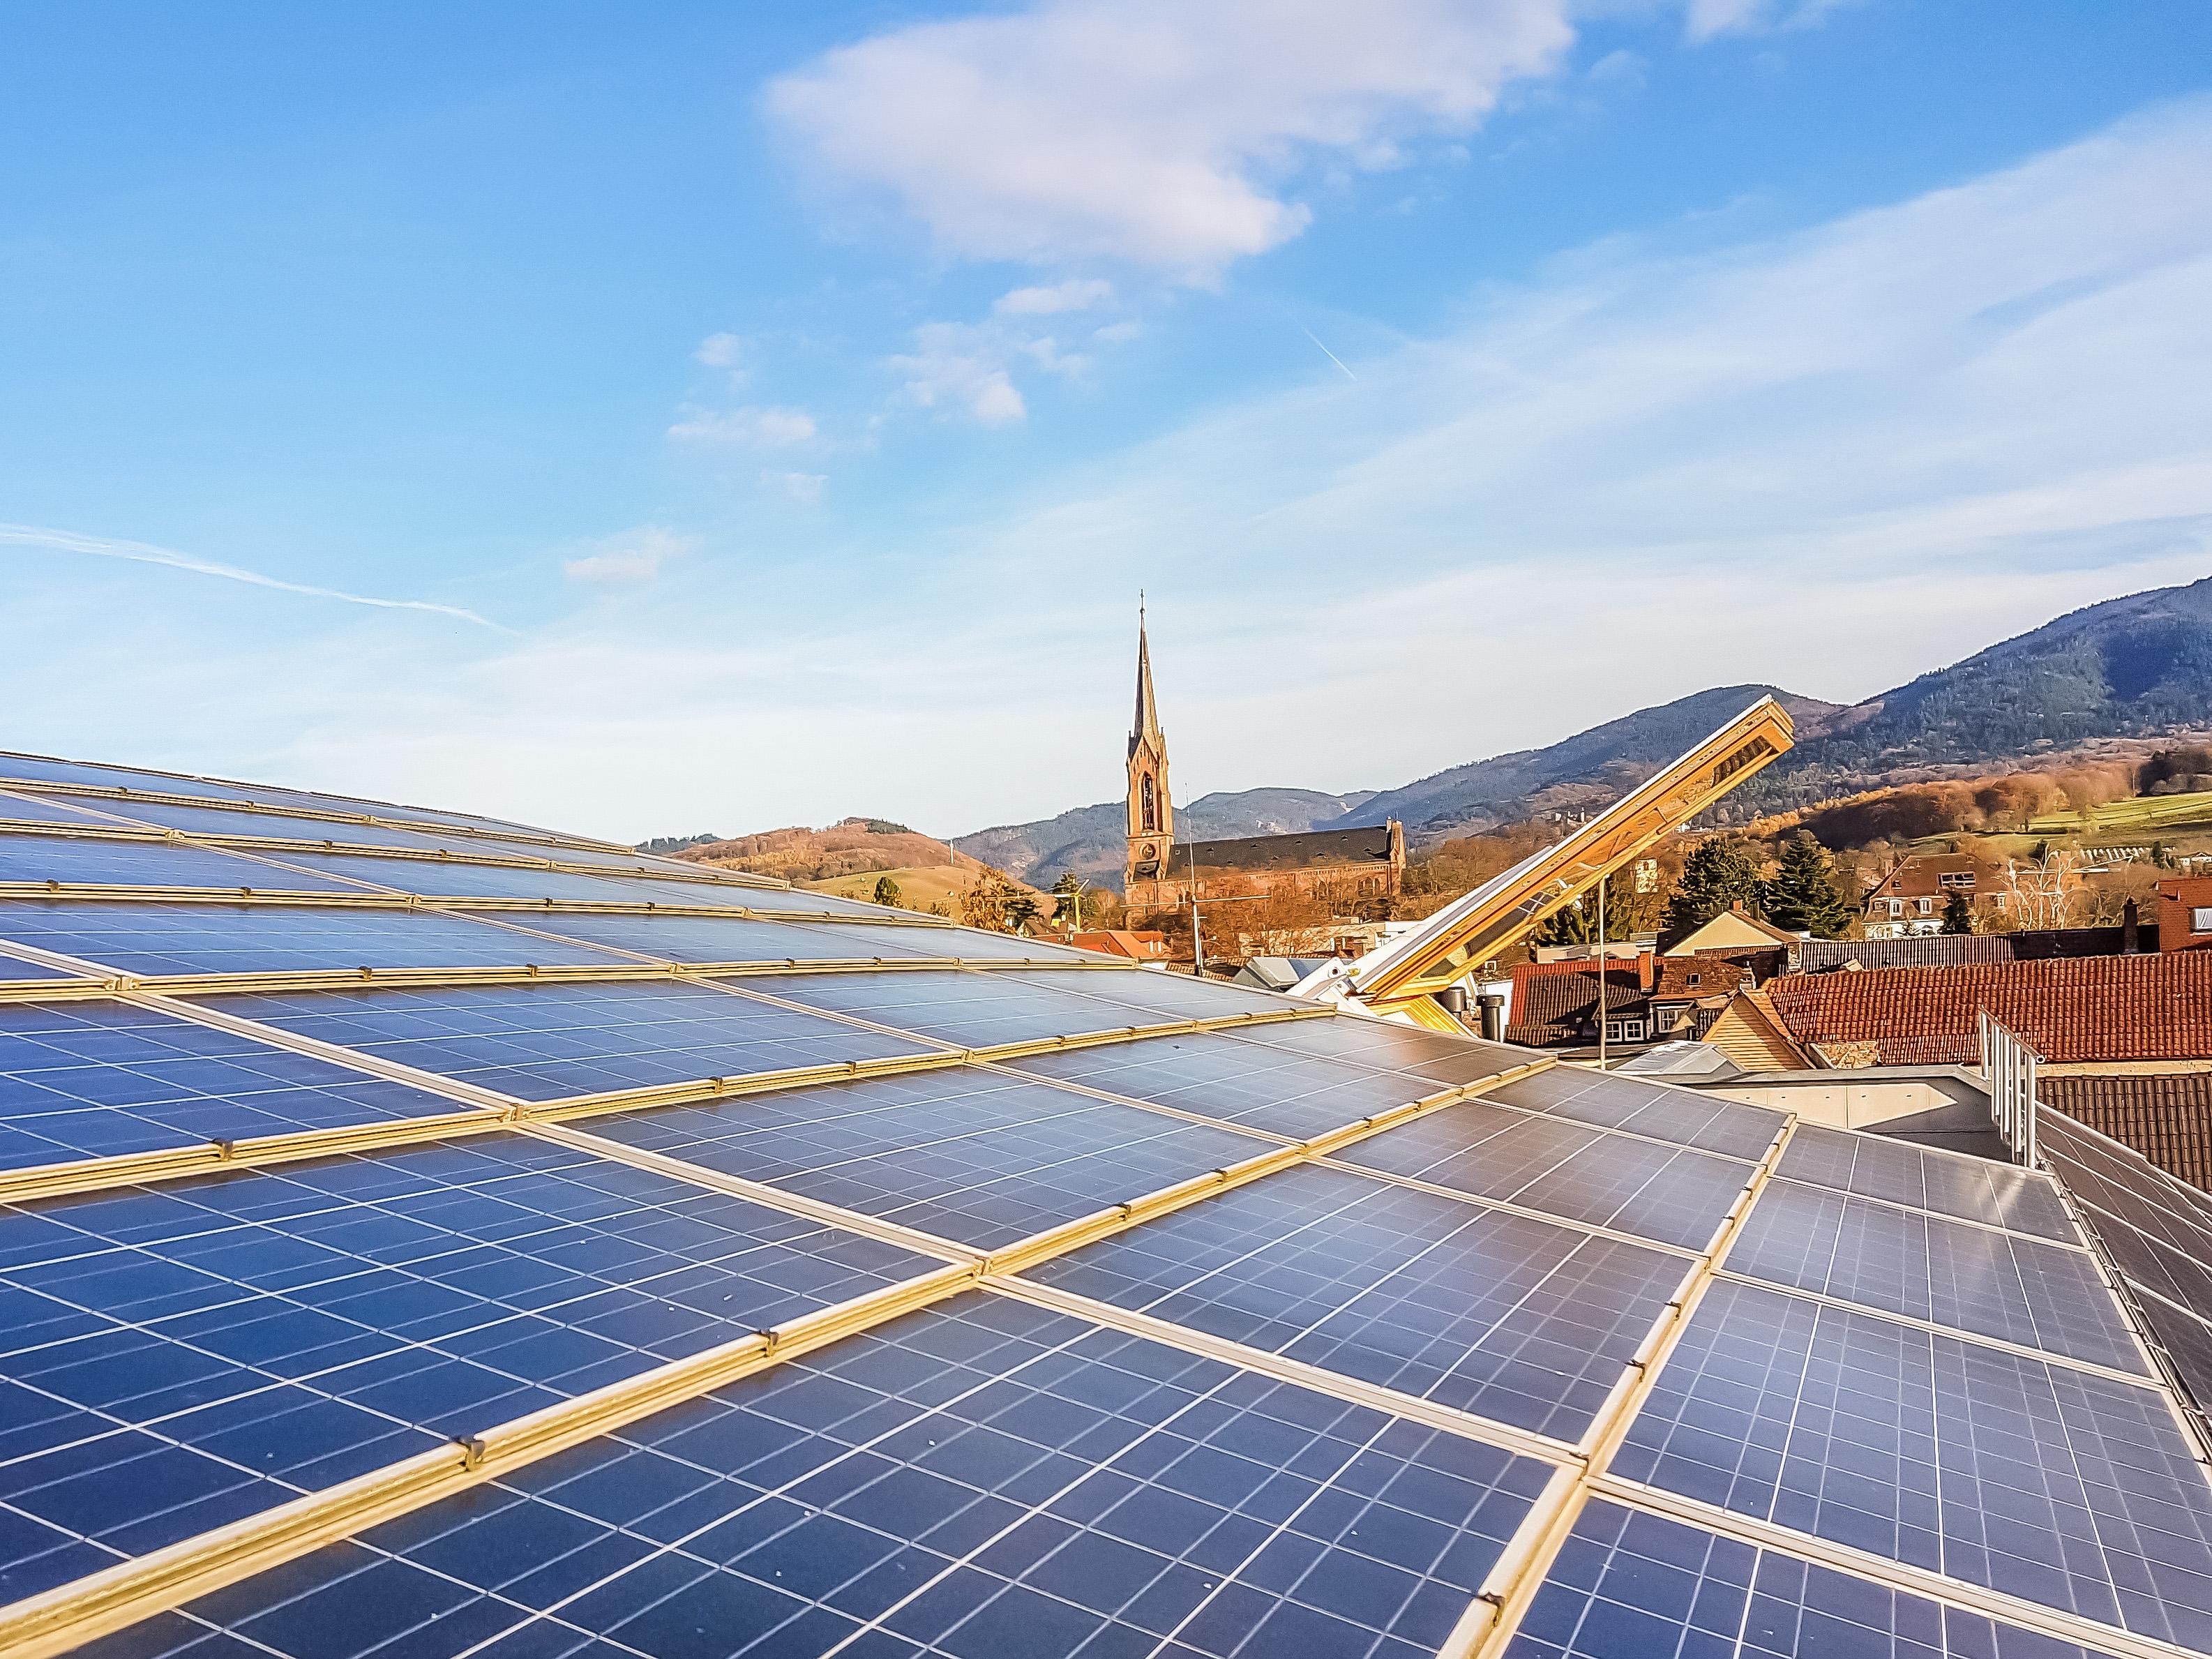 Solarkollektoren als energieliefernder Sonnenschirm auf der Terrasse